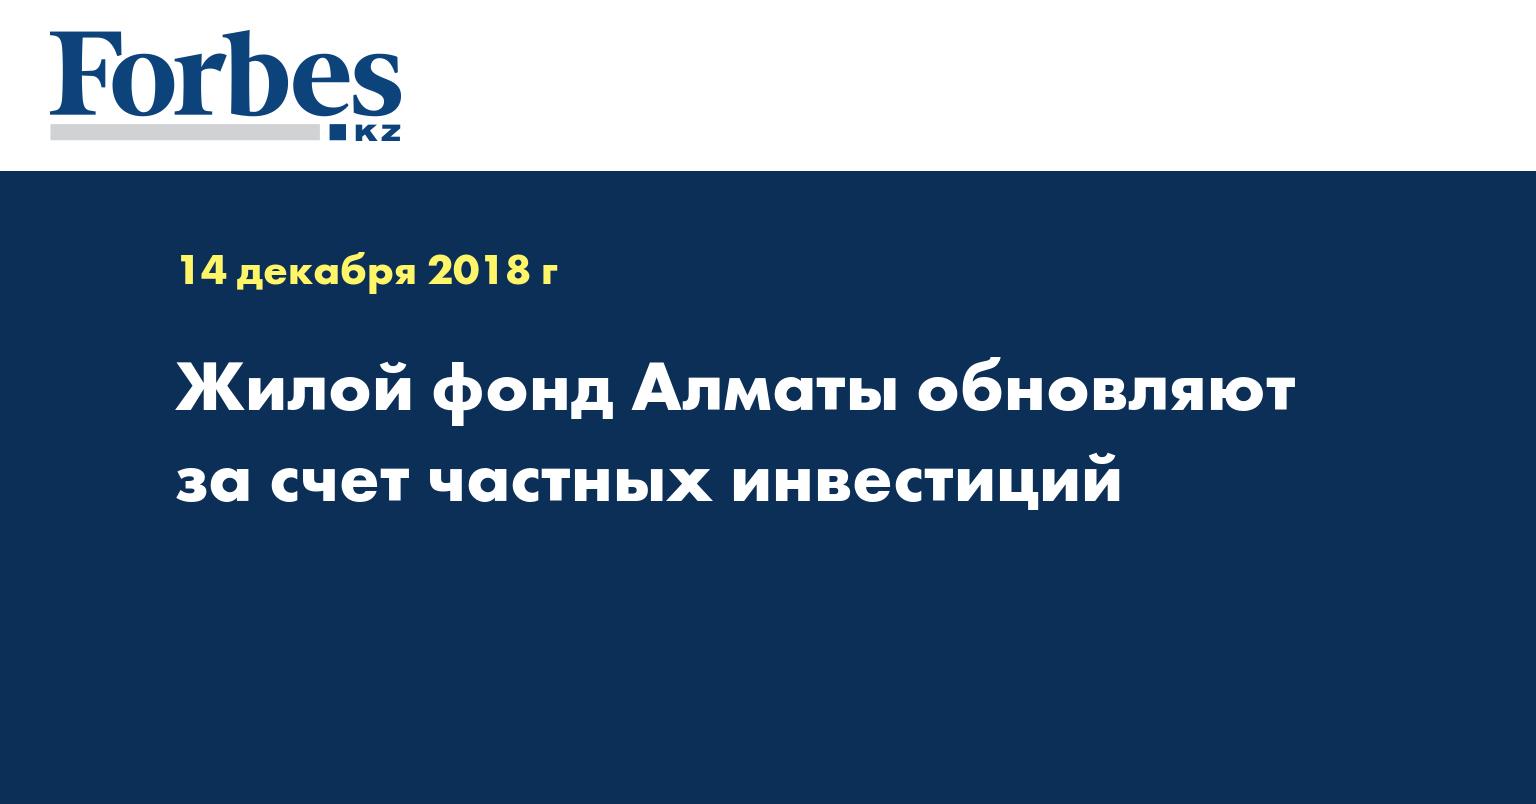 Жилой фонд Алматы обновляют за счет частных инвестиций